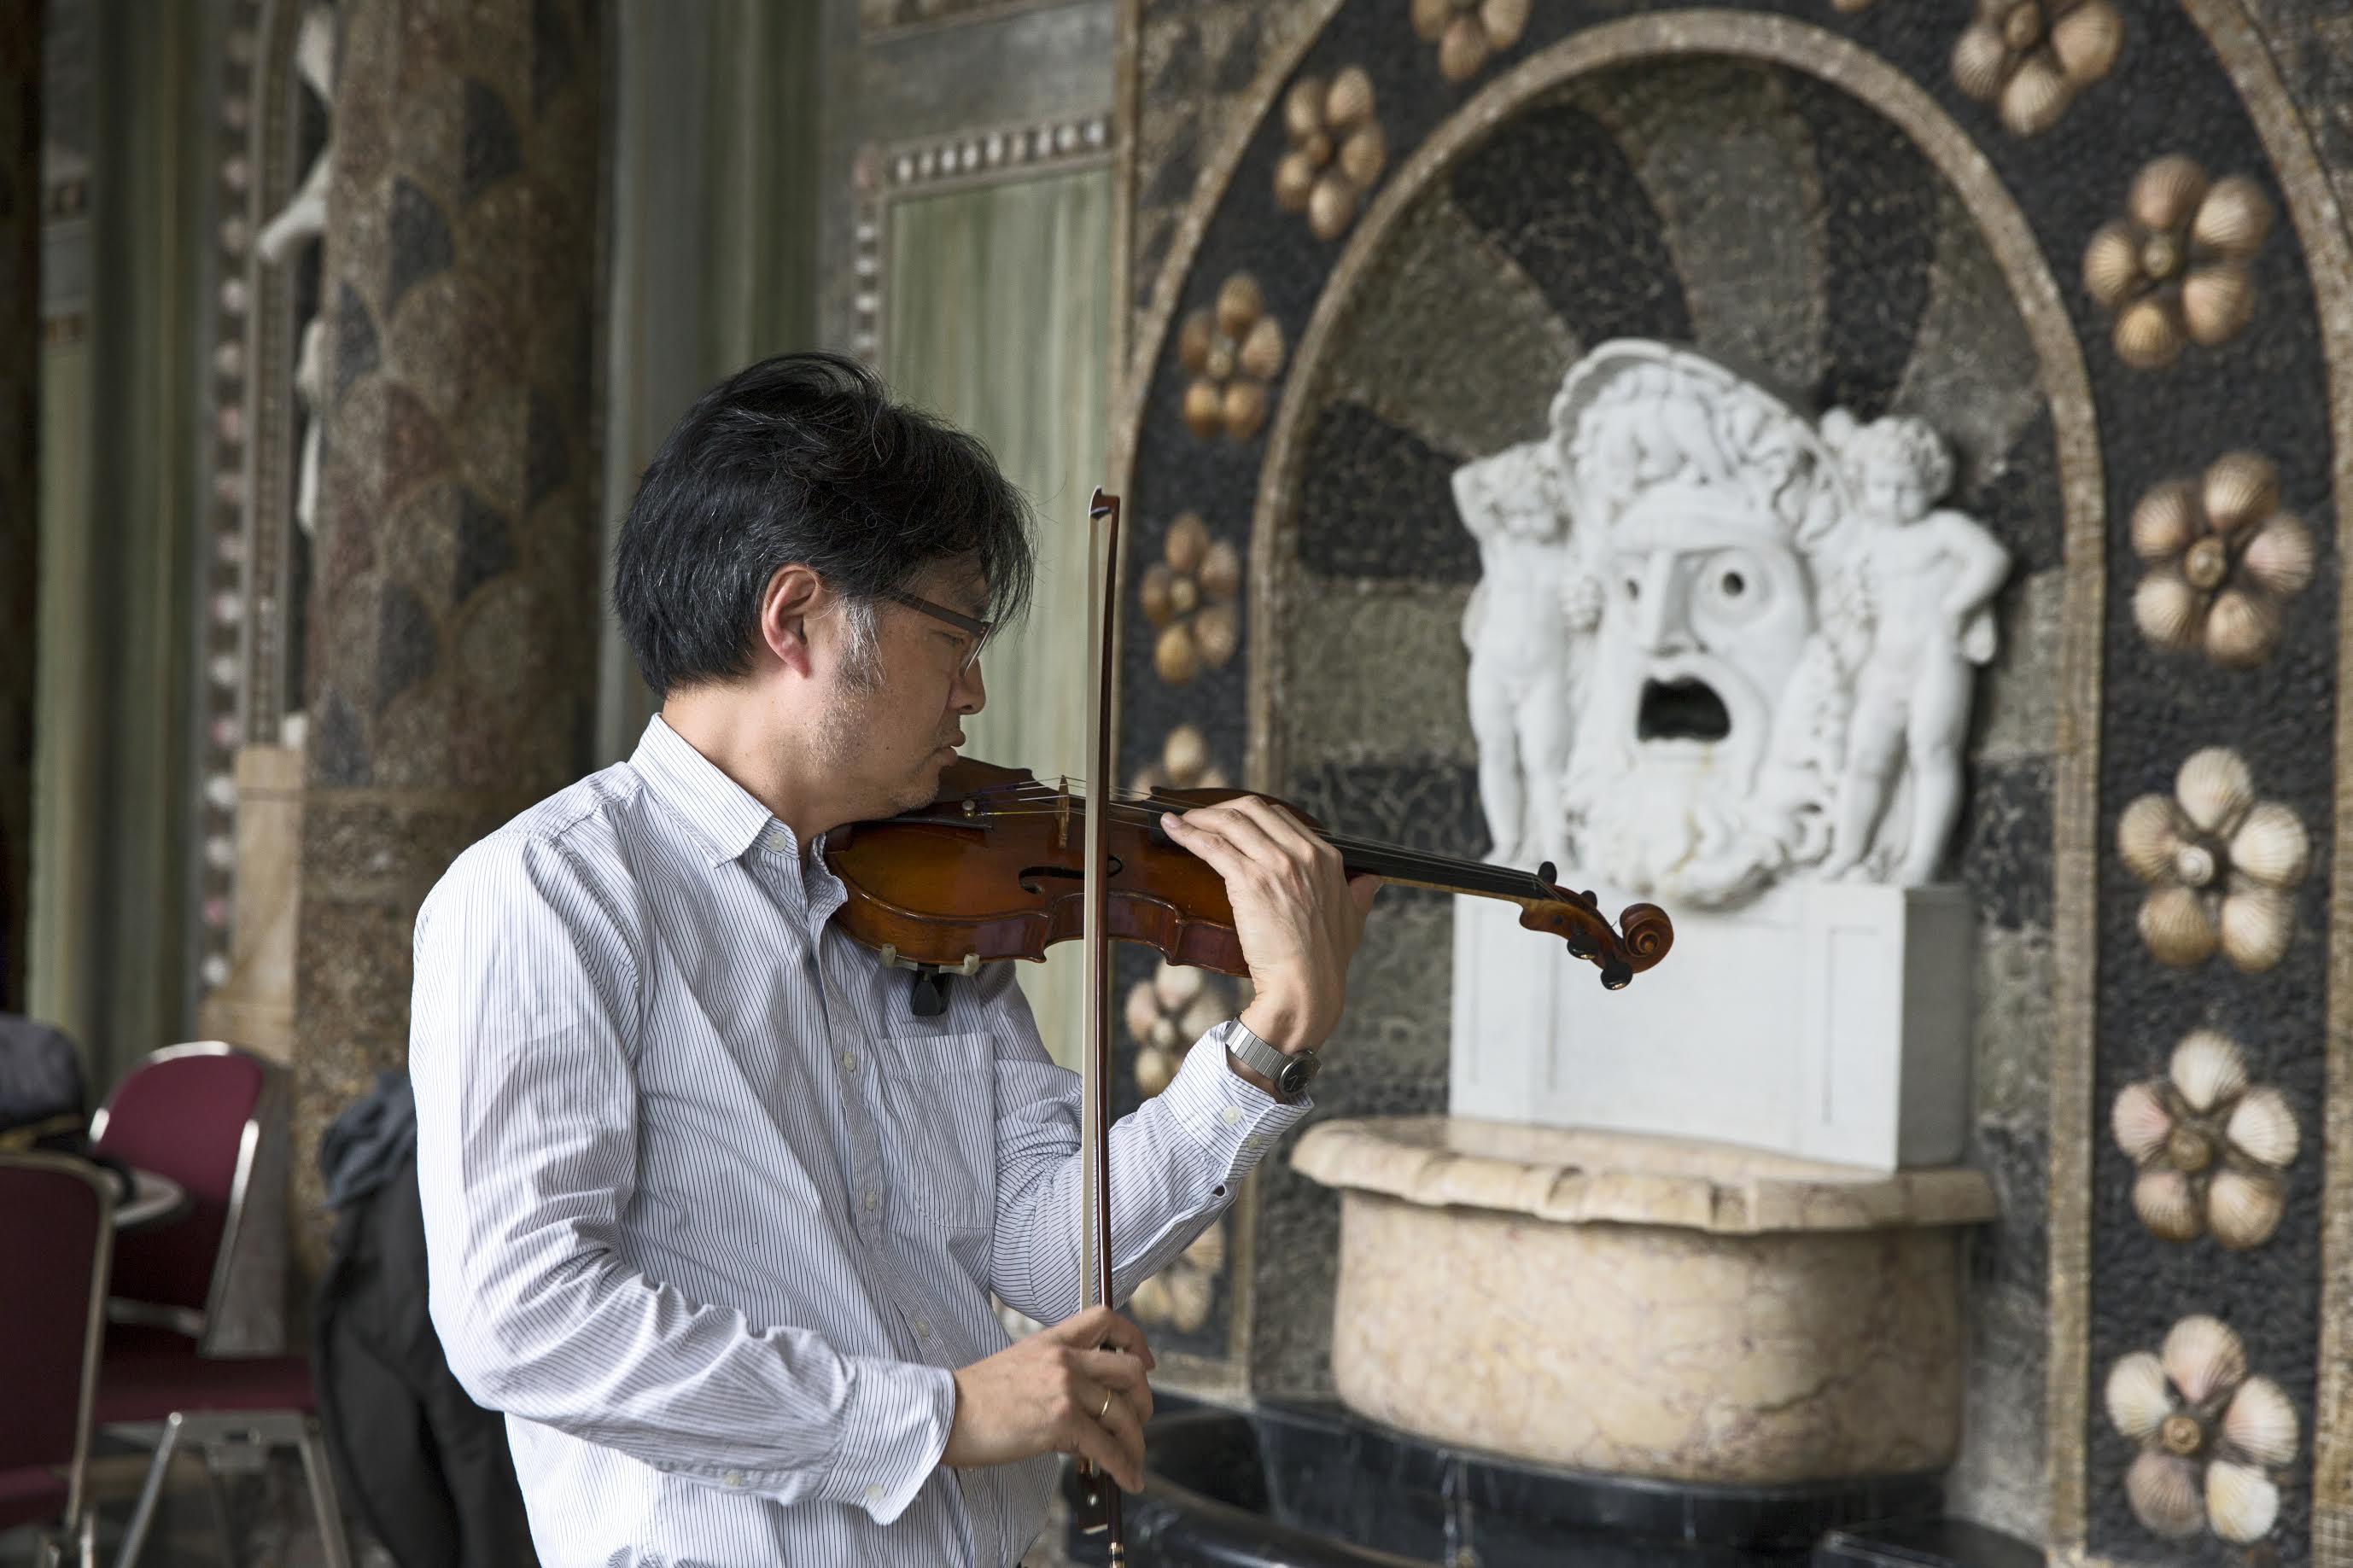 Die Deutsche Kammerphilharmonie Bremen zu Gast im Kurhaus Wiesbaden zur Aufnahme der Brahms Sinfonie 1